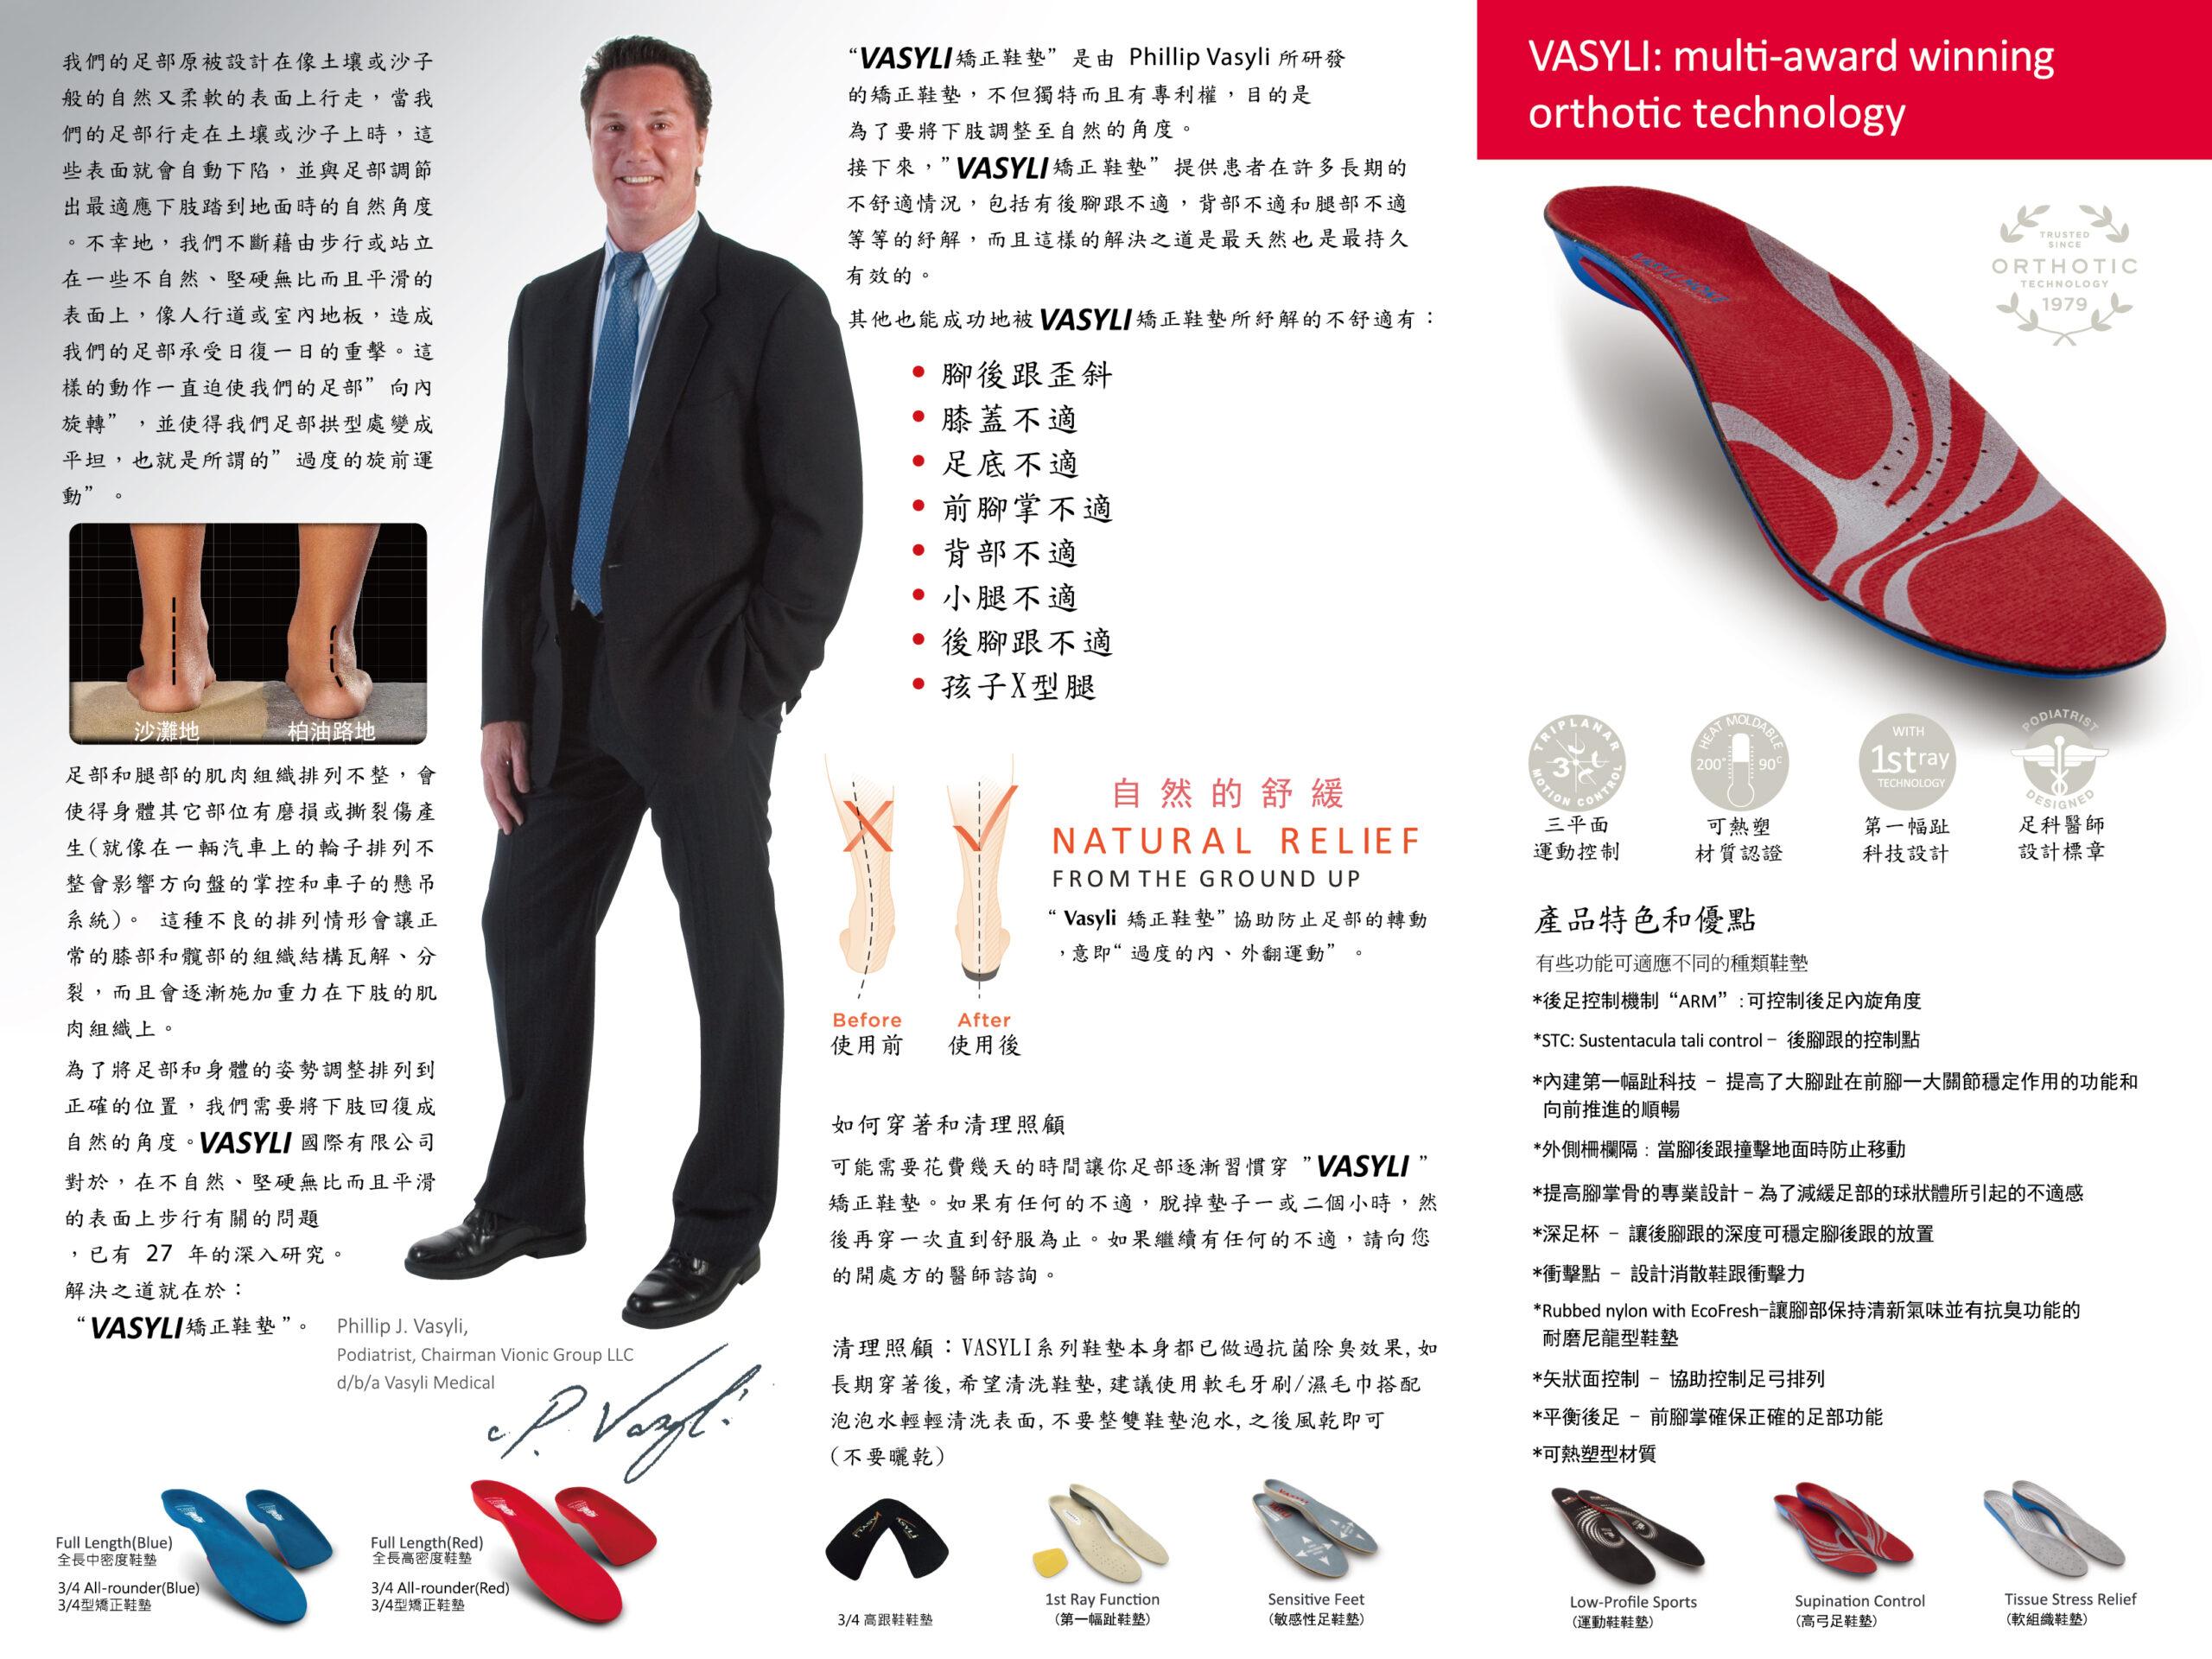 醫療級矯正鞋墊,矯正鞋墊推薦,VASYLI矯正鞋墊,足弓矯正鞋墊